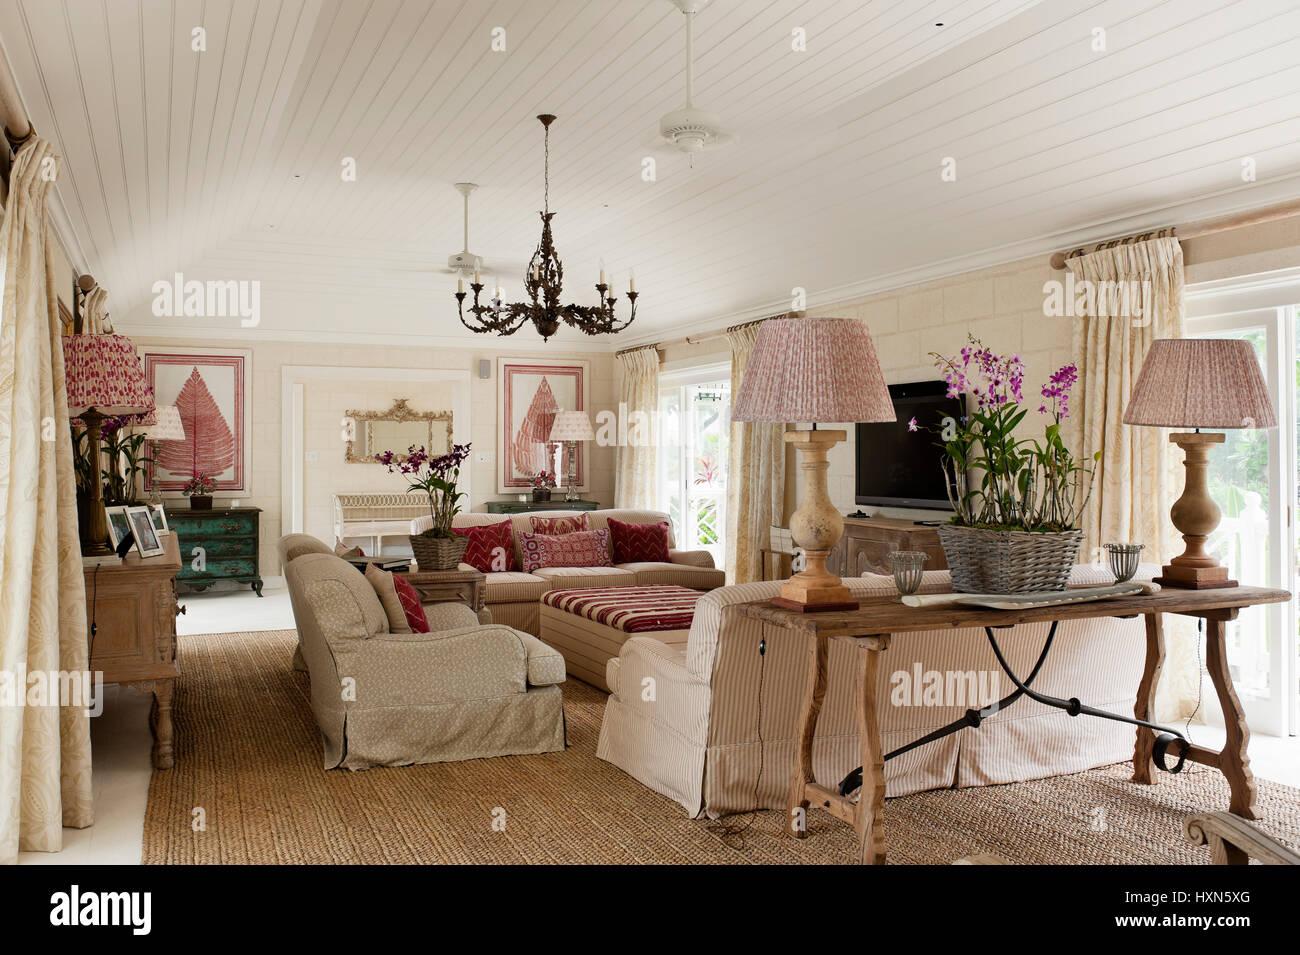 Rot Und Weiss Wohnzimmer Mit Lampen Stockfoto Bild 136919288 Alamy